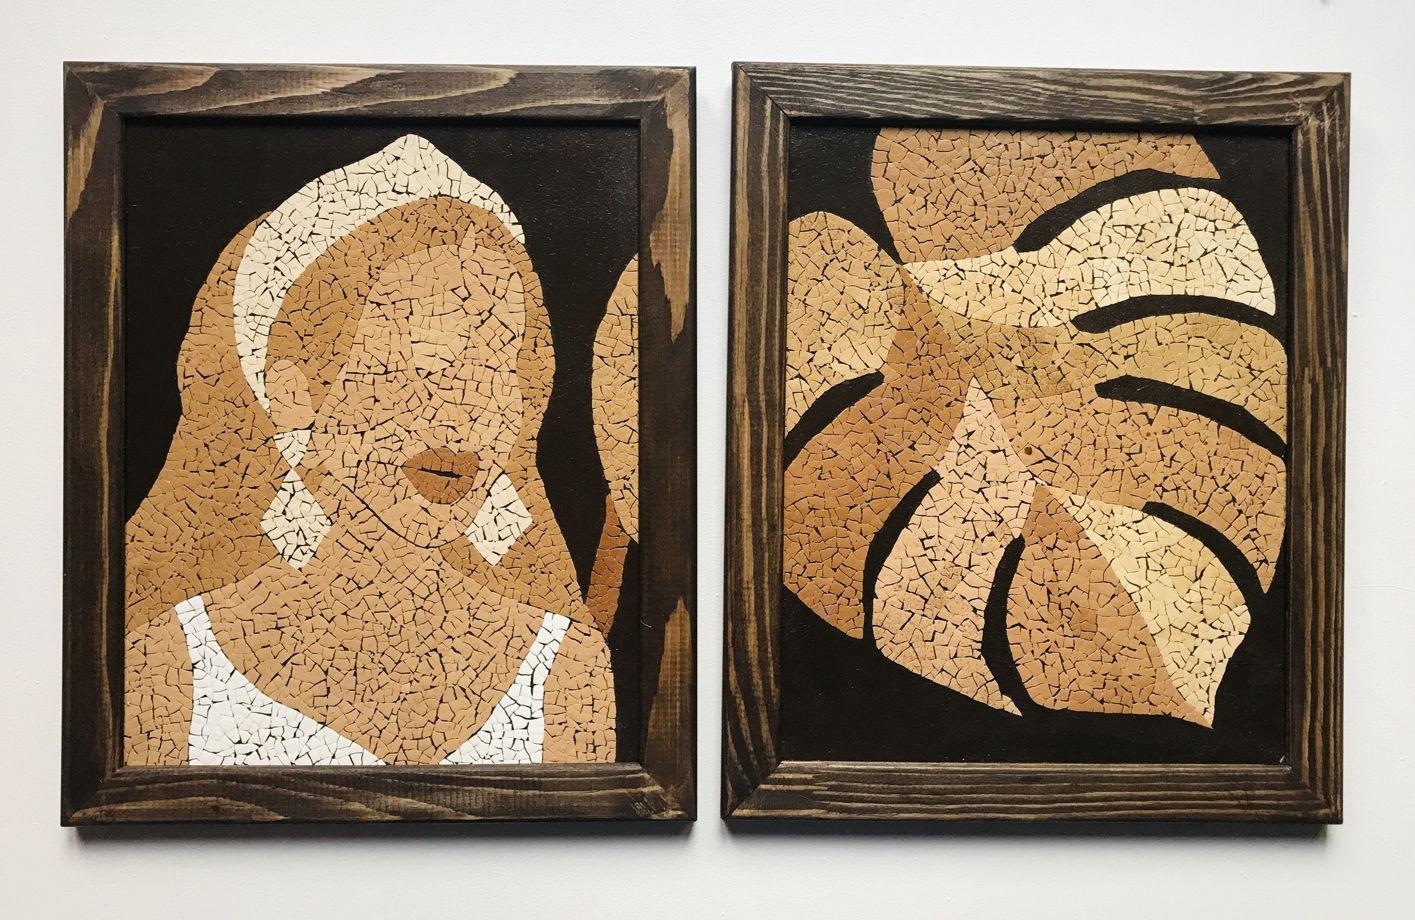 Картина «Девушка и лист монстеры» ручной работы из яичной скорлупы натуральных оттенков